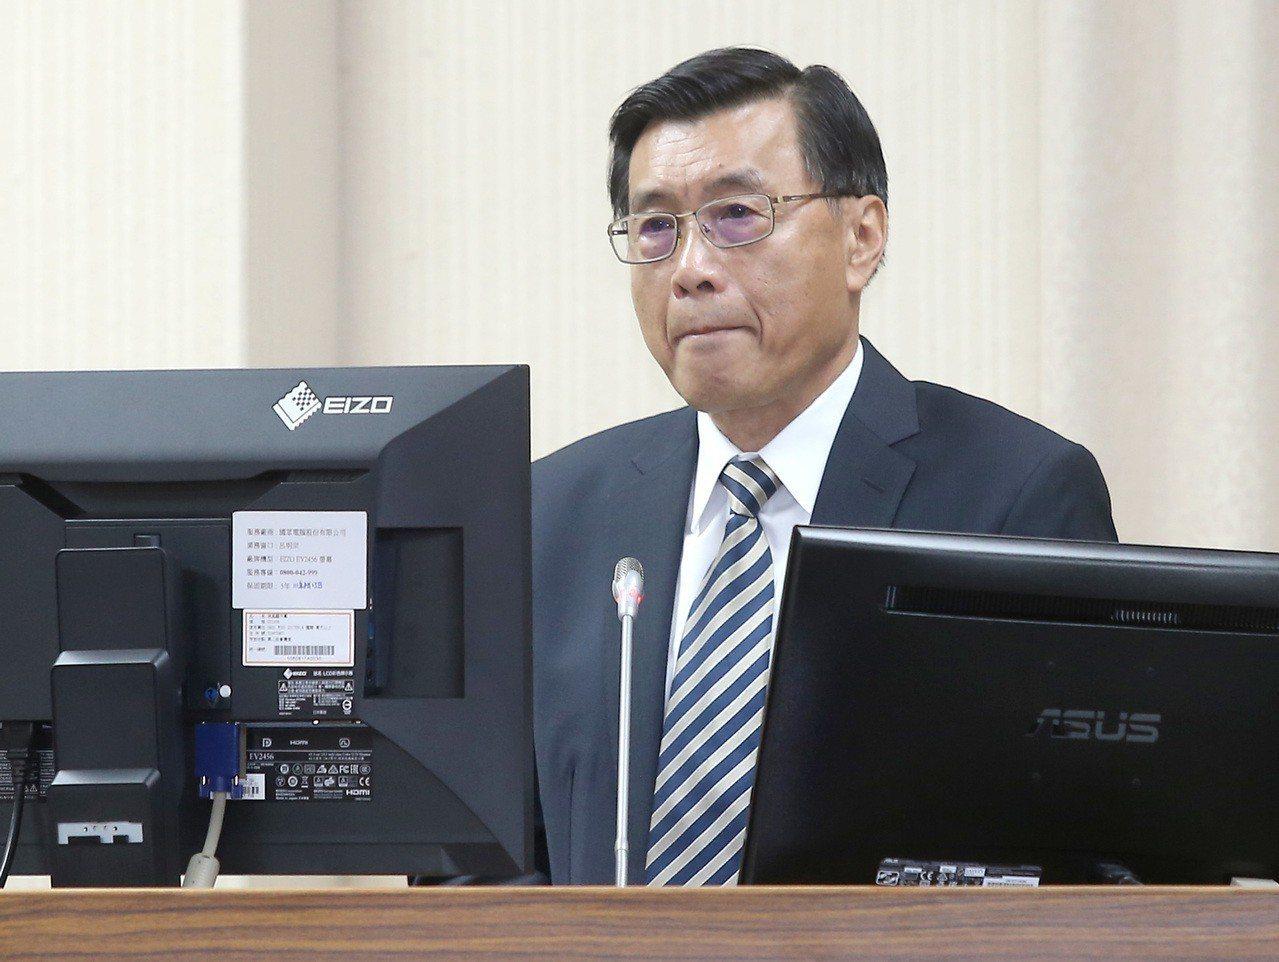 彭勝竹。 本報資料照片/記者高彬原攝影